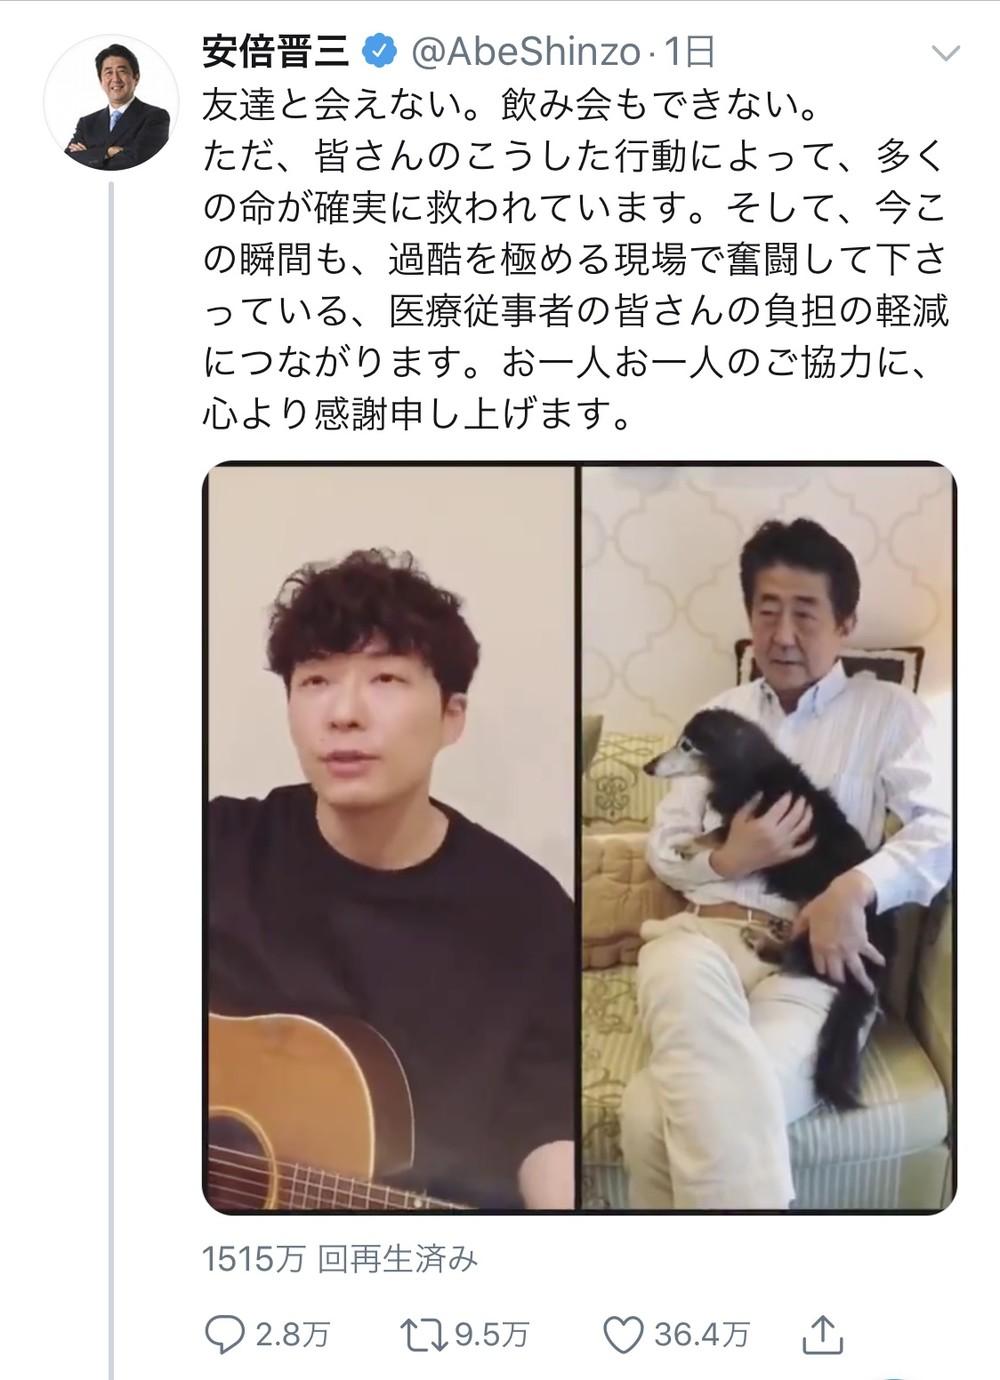 安倍首相の「うちで踊ろう」動画 大炎上も菅官房長官「35万超『いいね!』など大きな反響」